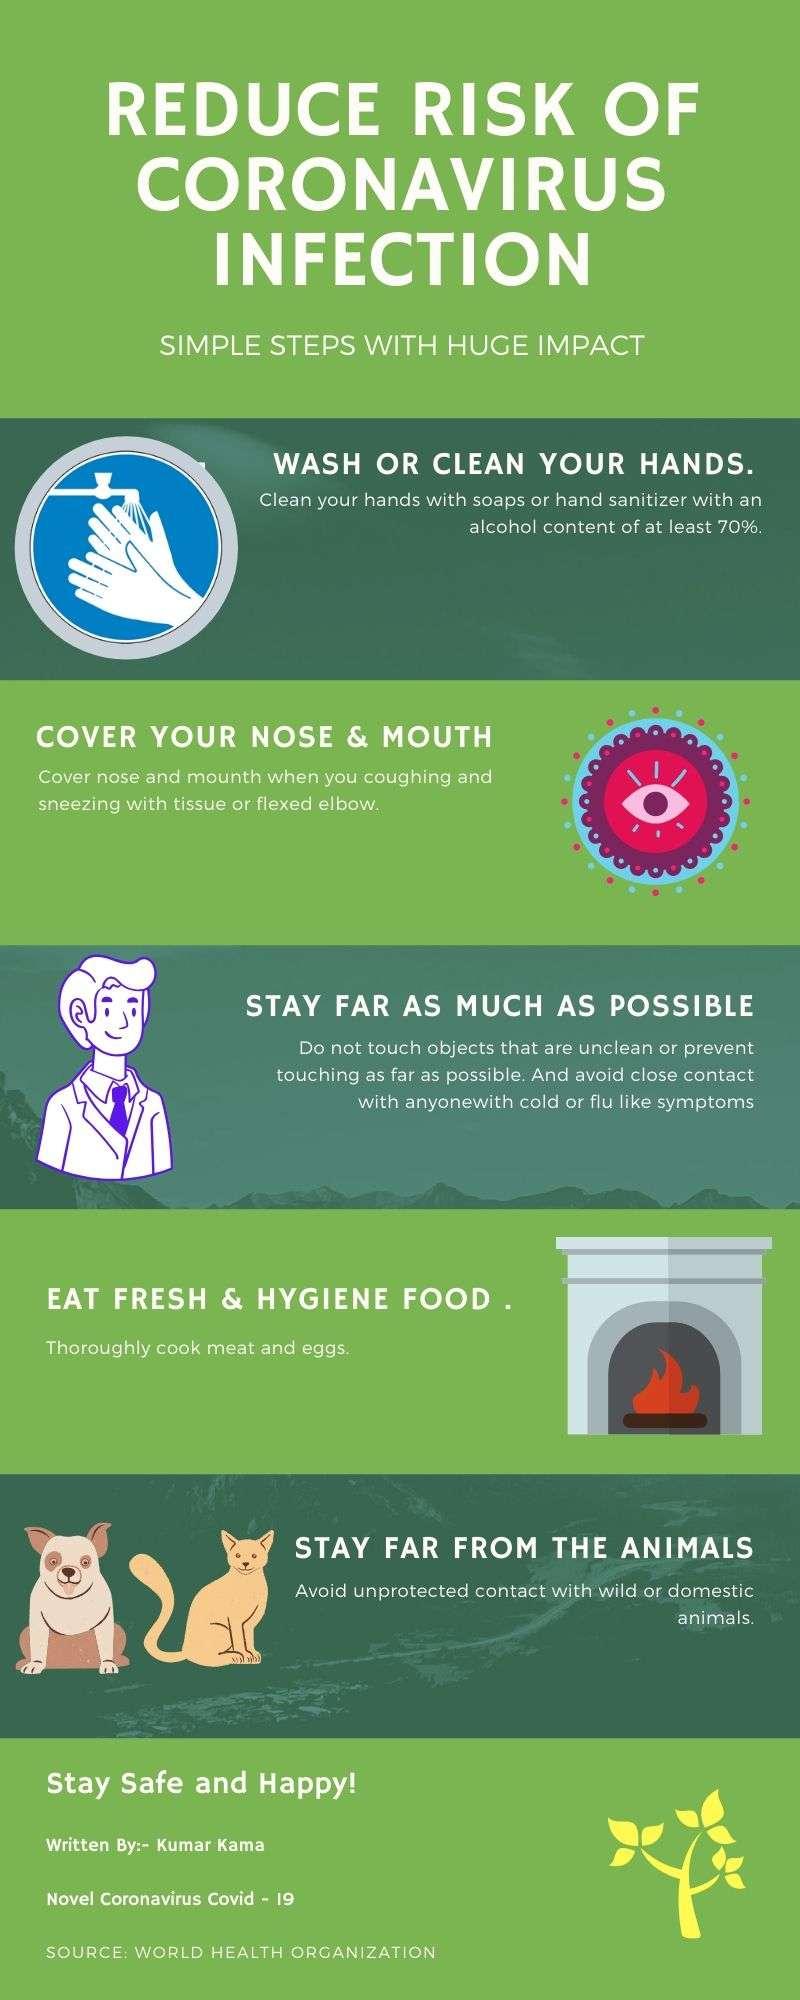 Reduce Coronavirus infection